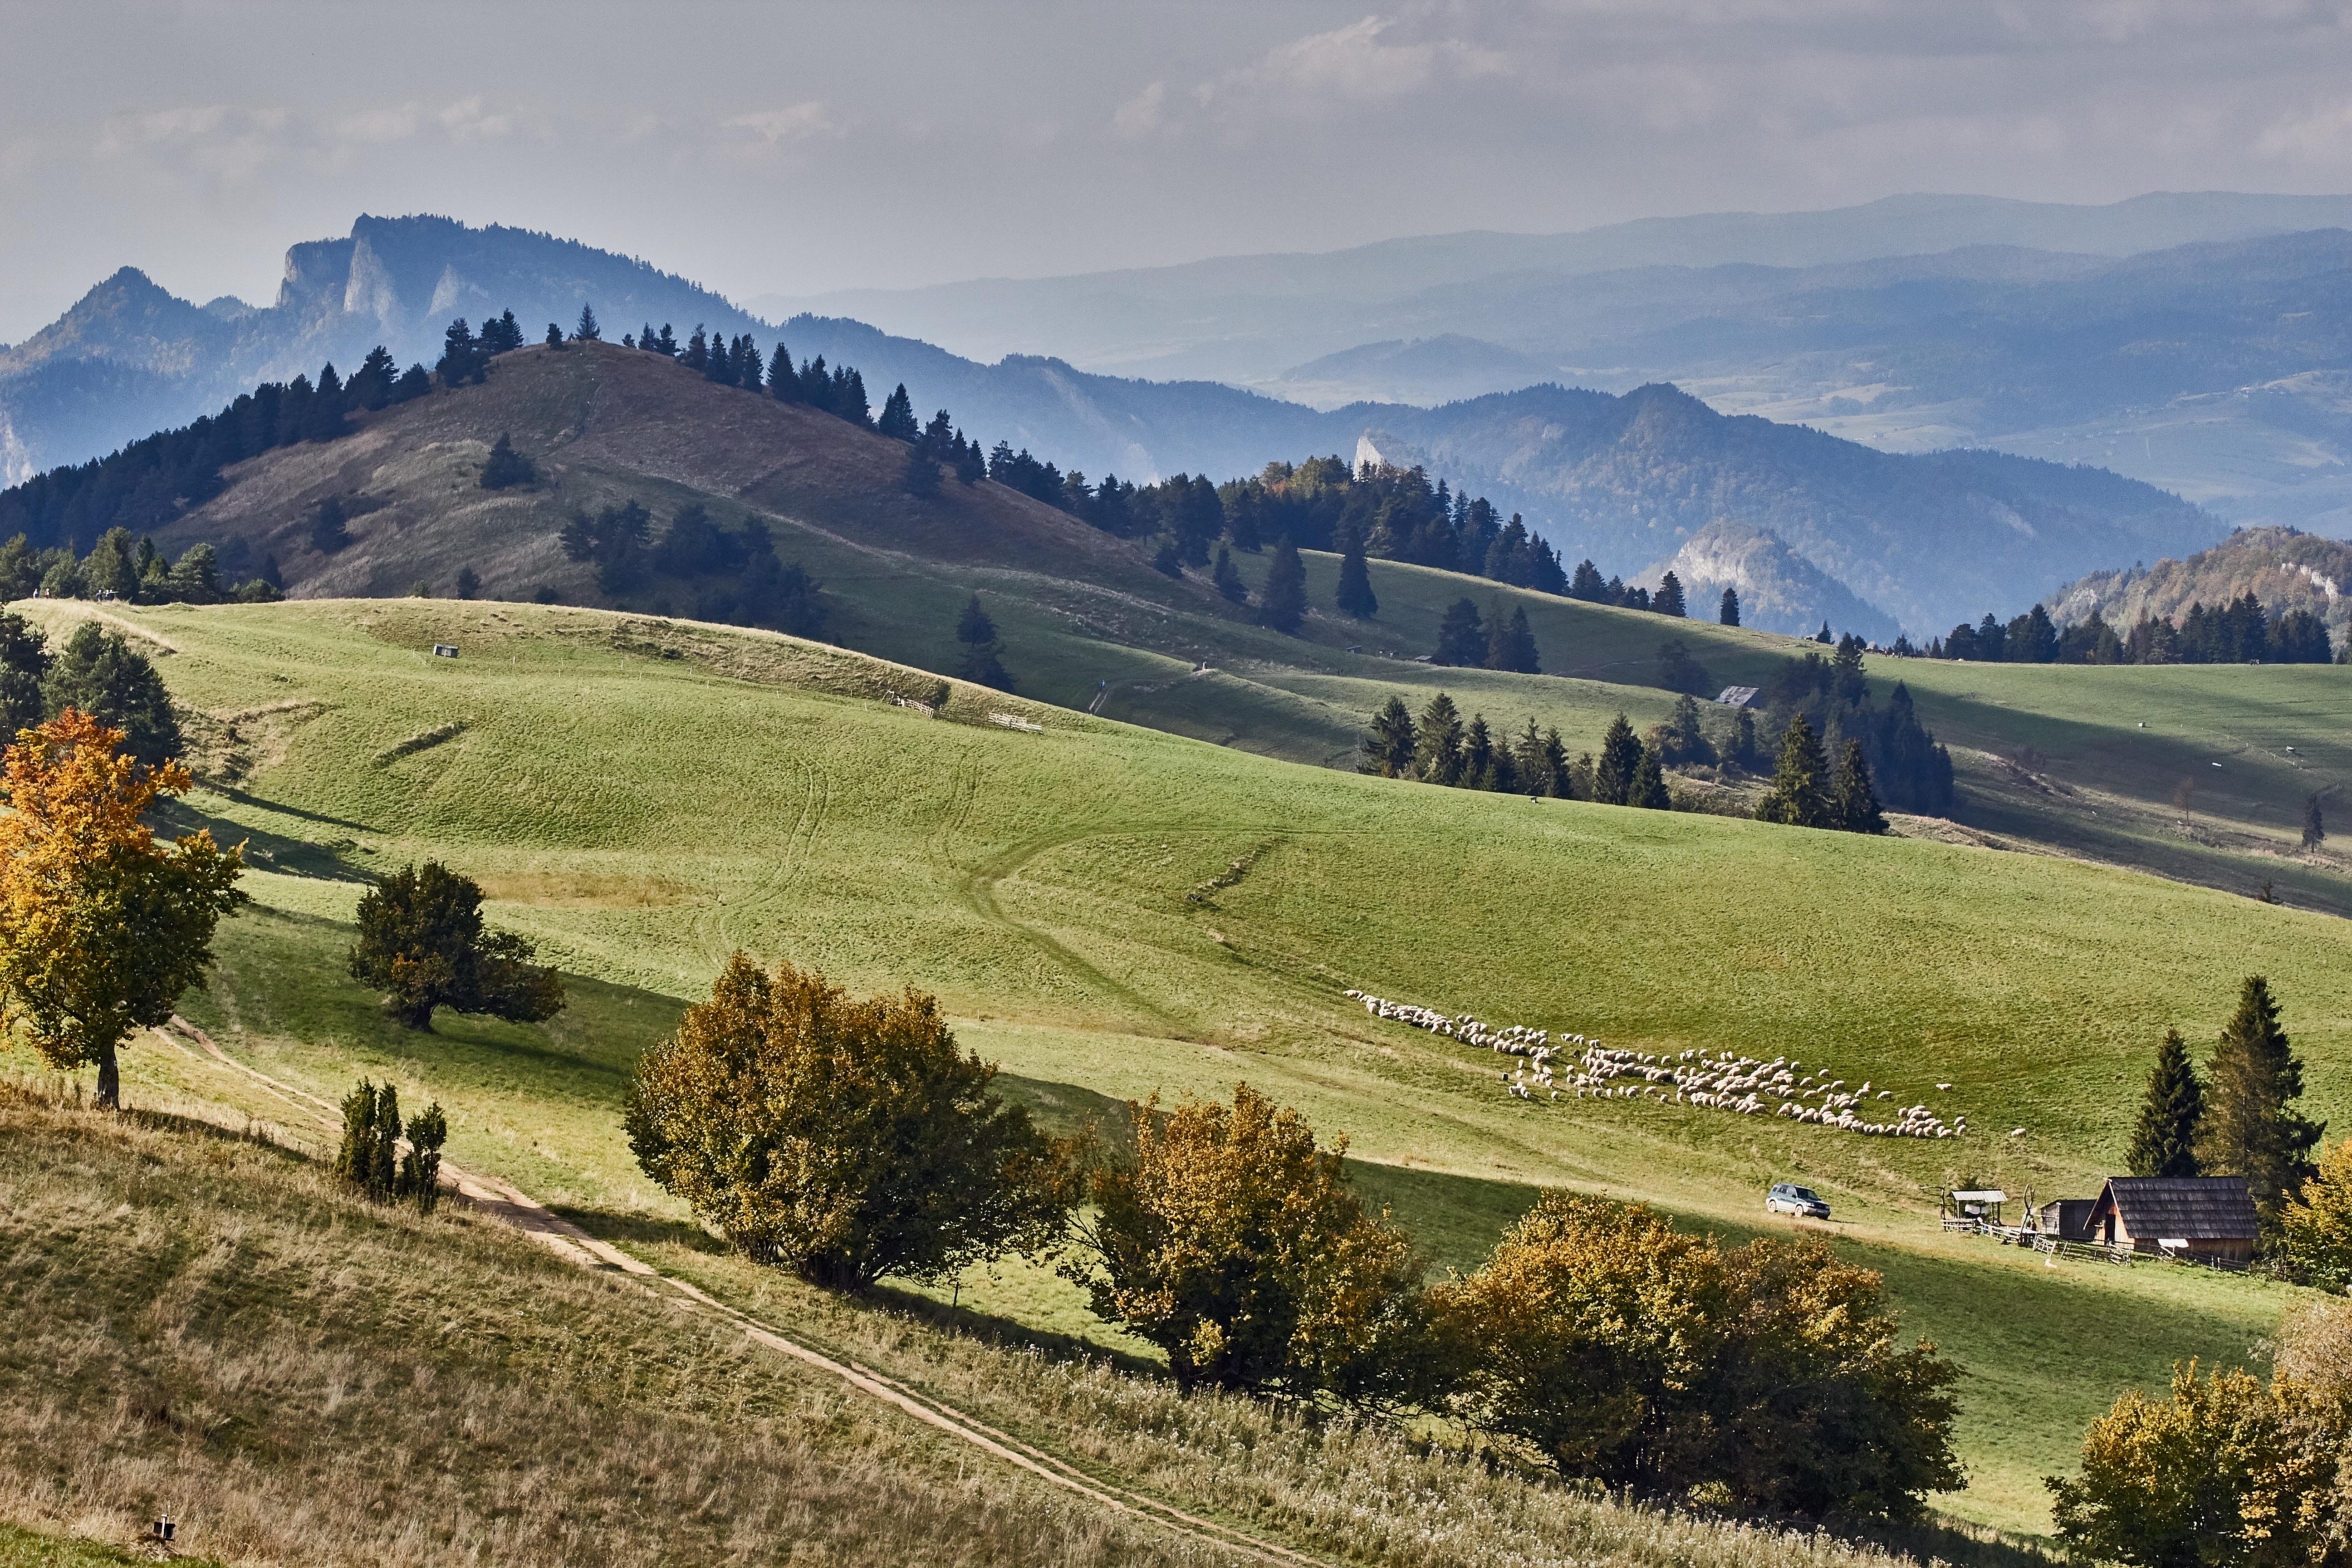 naturalne zdjęcia krajobrazu